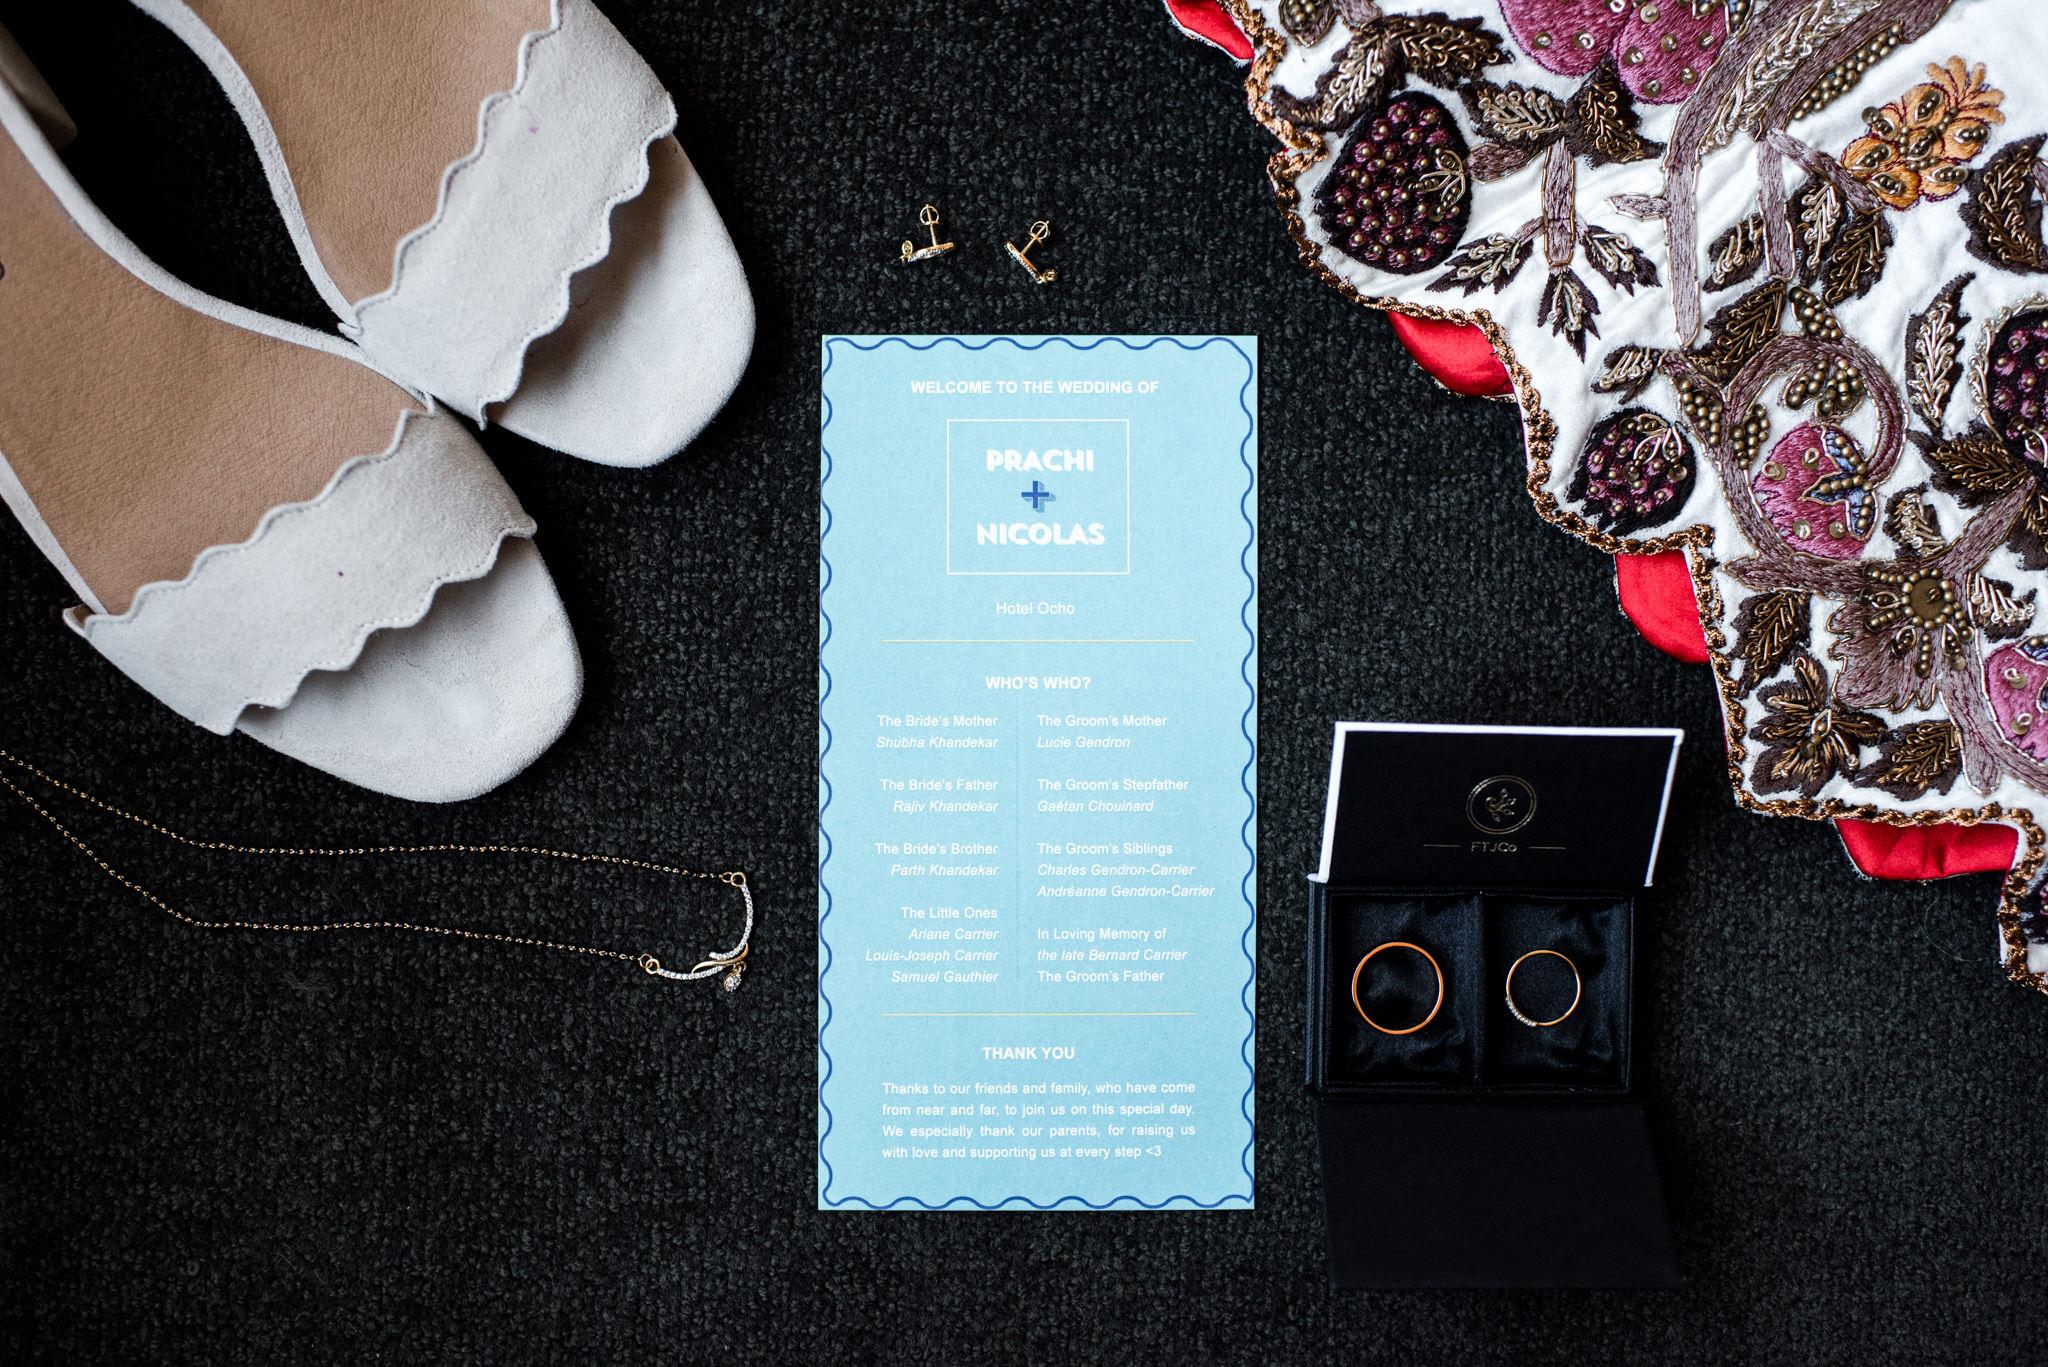 105-bride-groom-getting-ready-together-hotel-ocho-wedding-intimate-photos.jpg